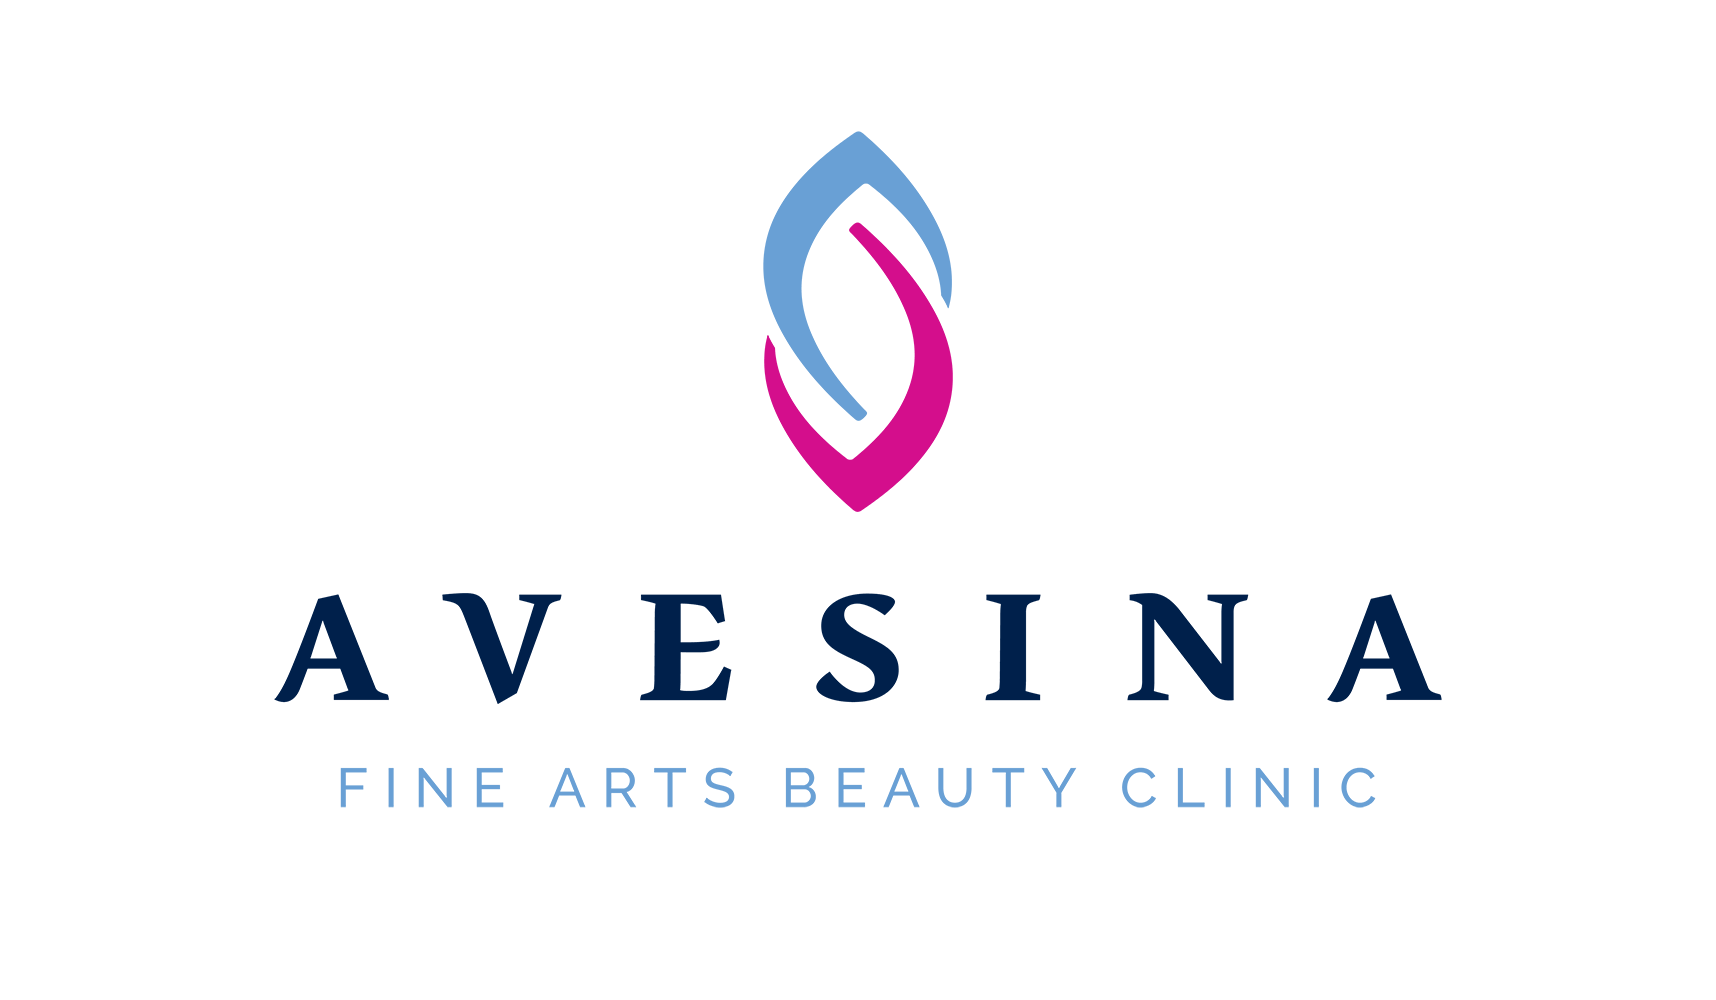 AVESINA FINE ARTS BEAUTY CLINIC